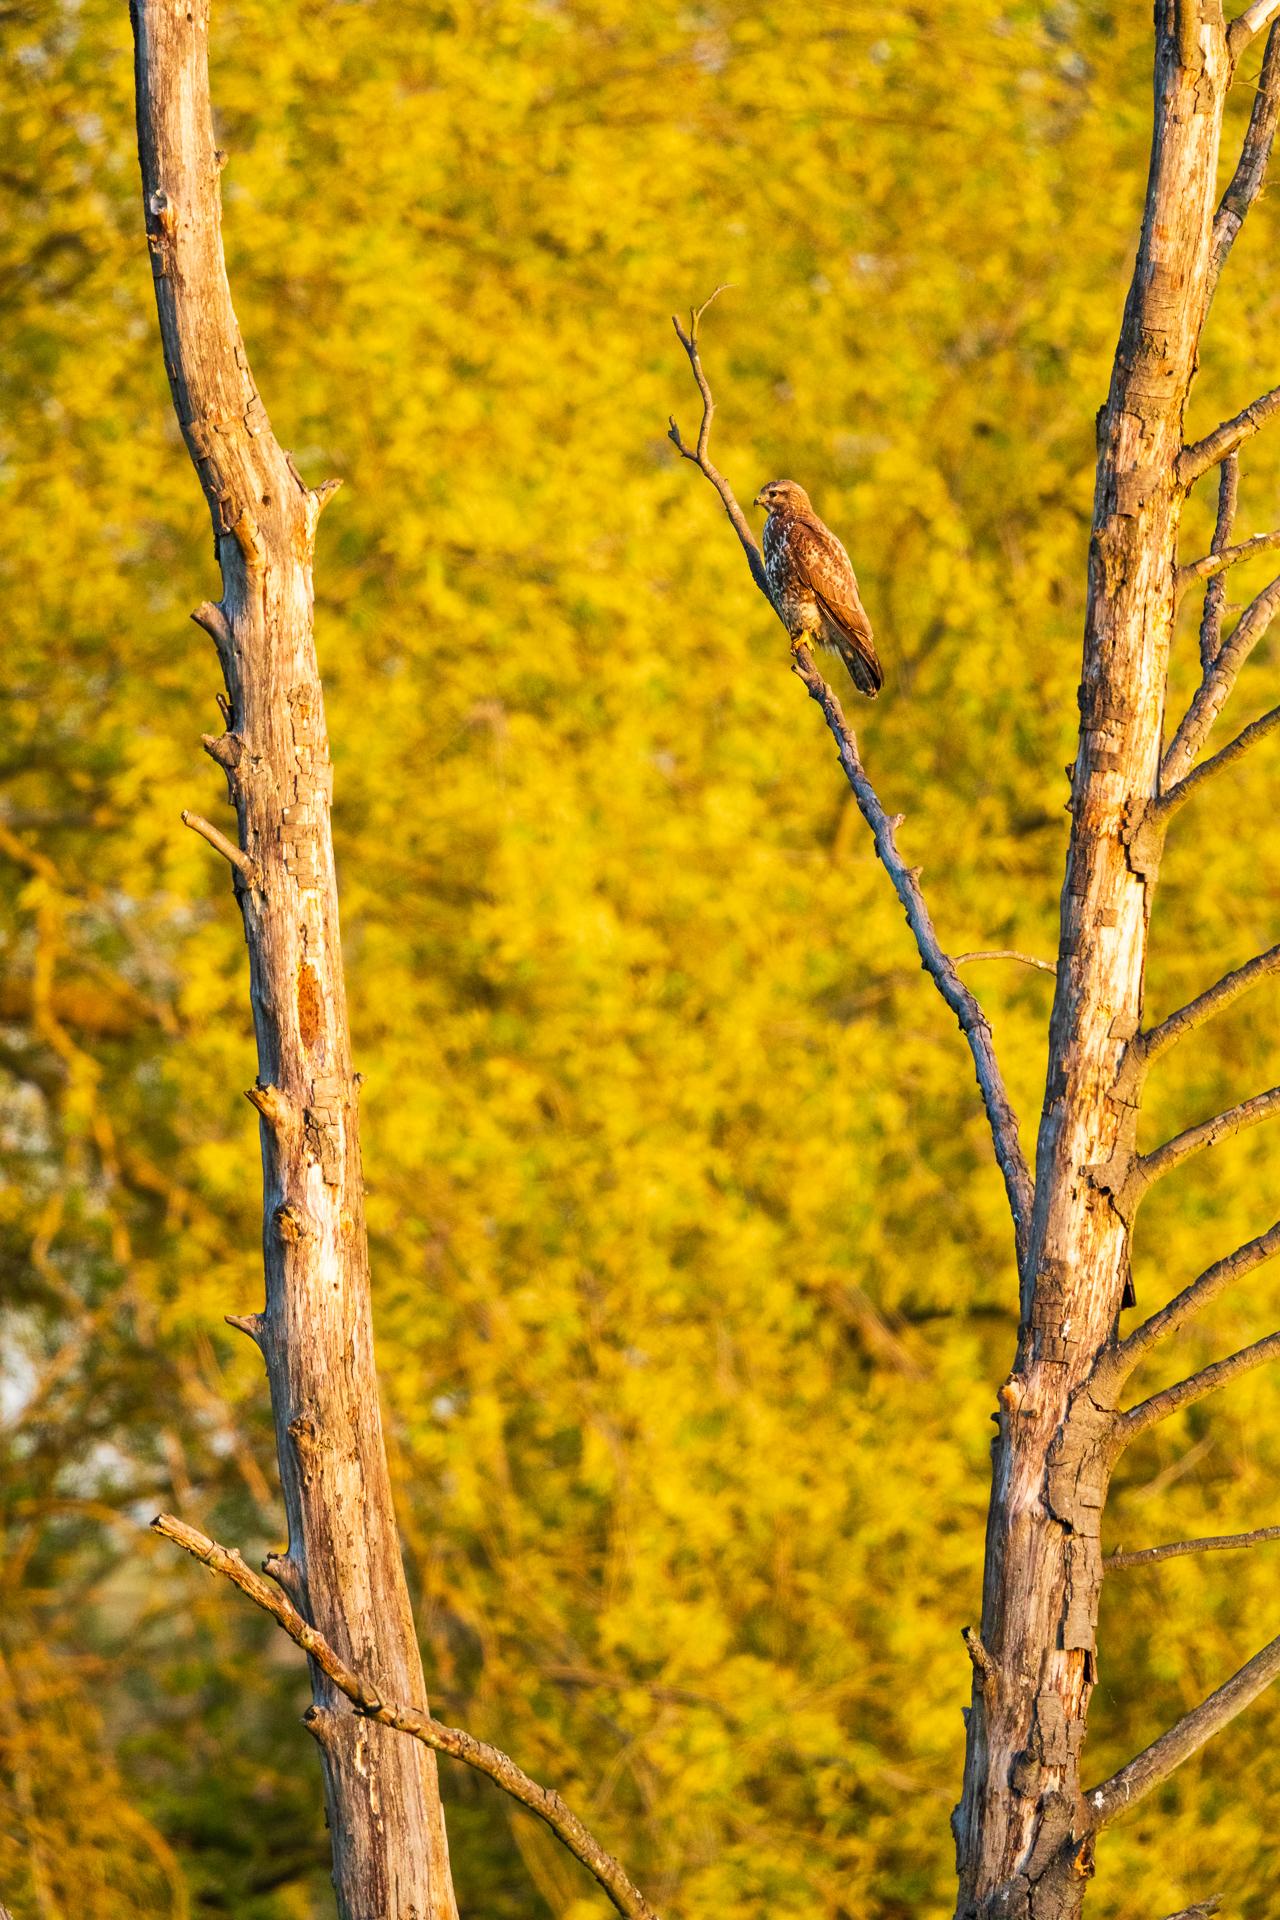 Ein Mäusebussard (Buteo buteo) sitzt auf einem abgestorbenen Baum / Foto: Andreas Sebald